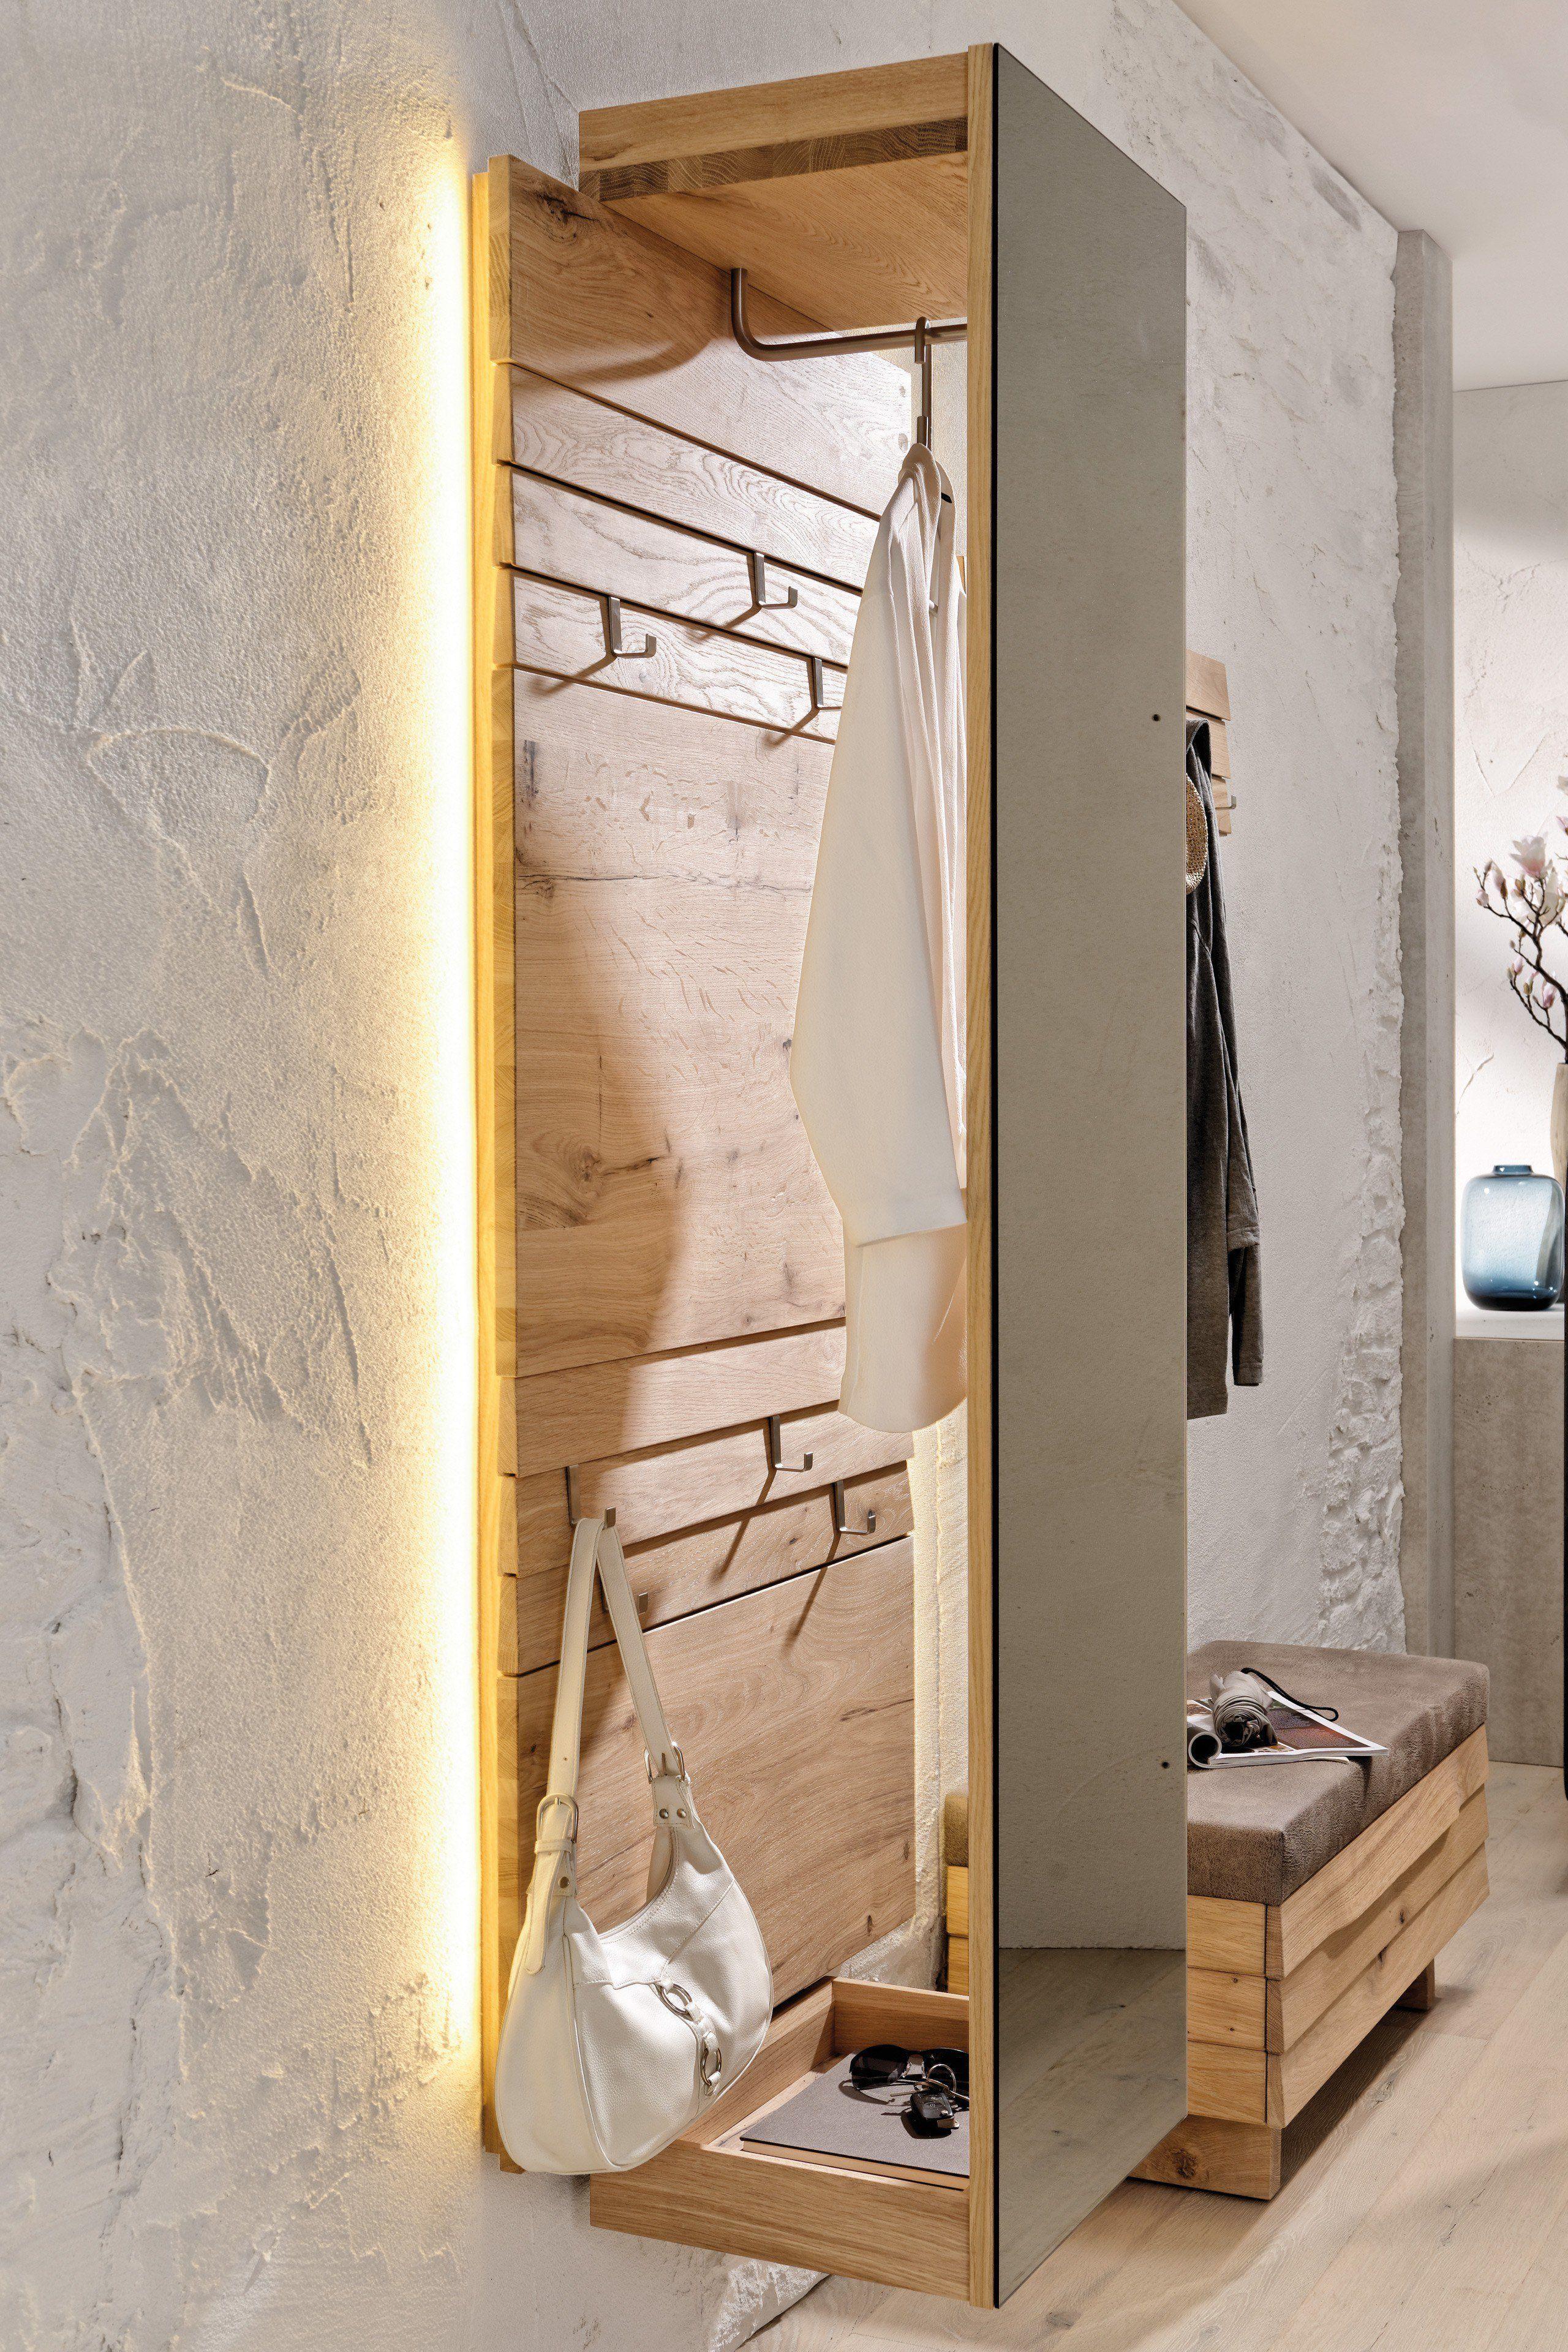 Voglauer Garderobe V Organo In Wildeiche Spiegel Mobel Letz Ihr Online Shop Voglauer Garderobe Voglauer Kleine Wohnung Dekorieren